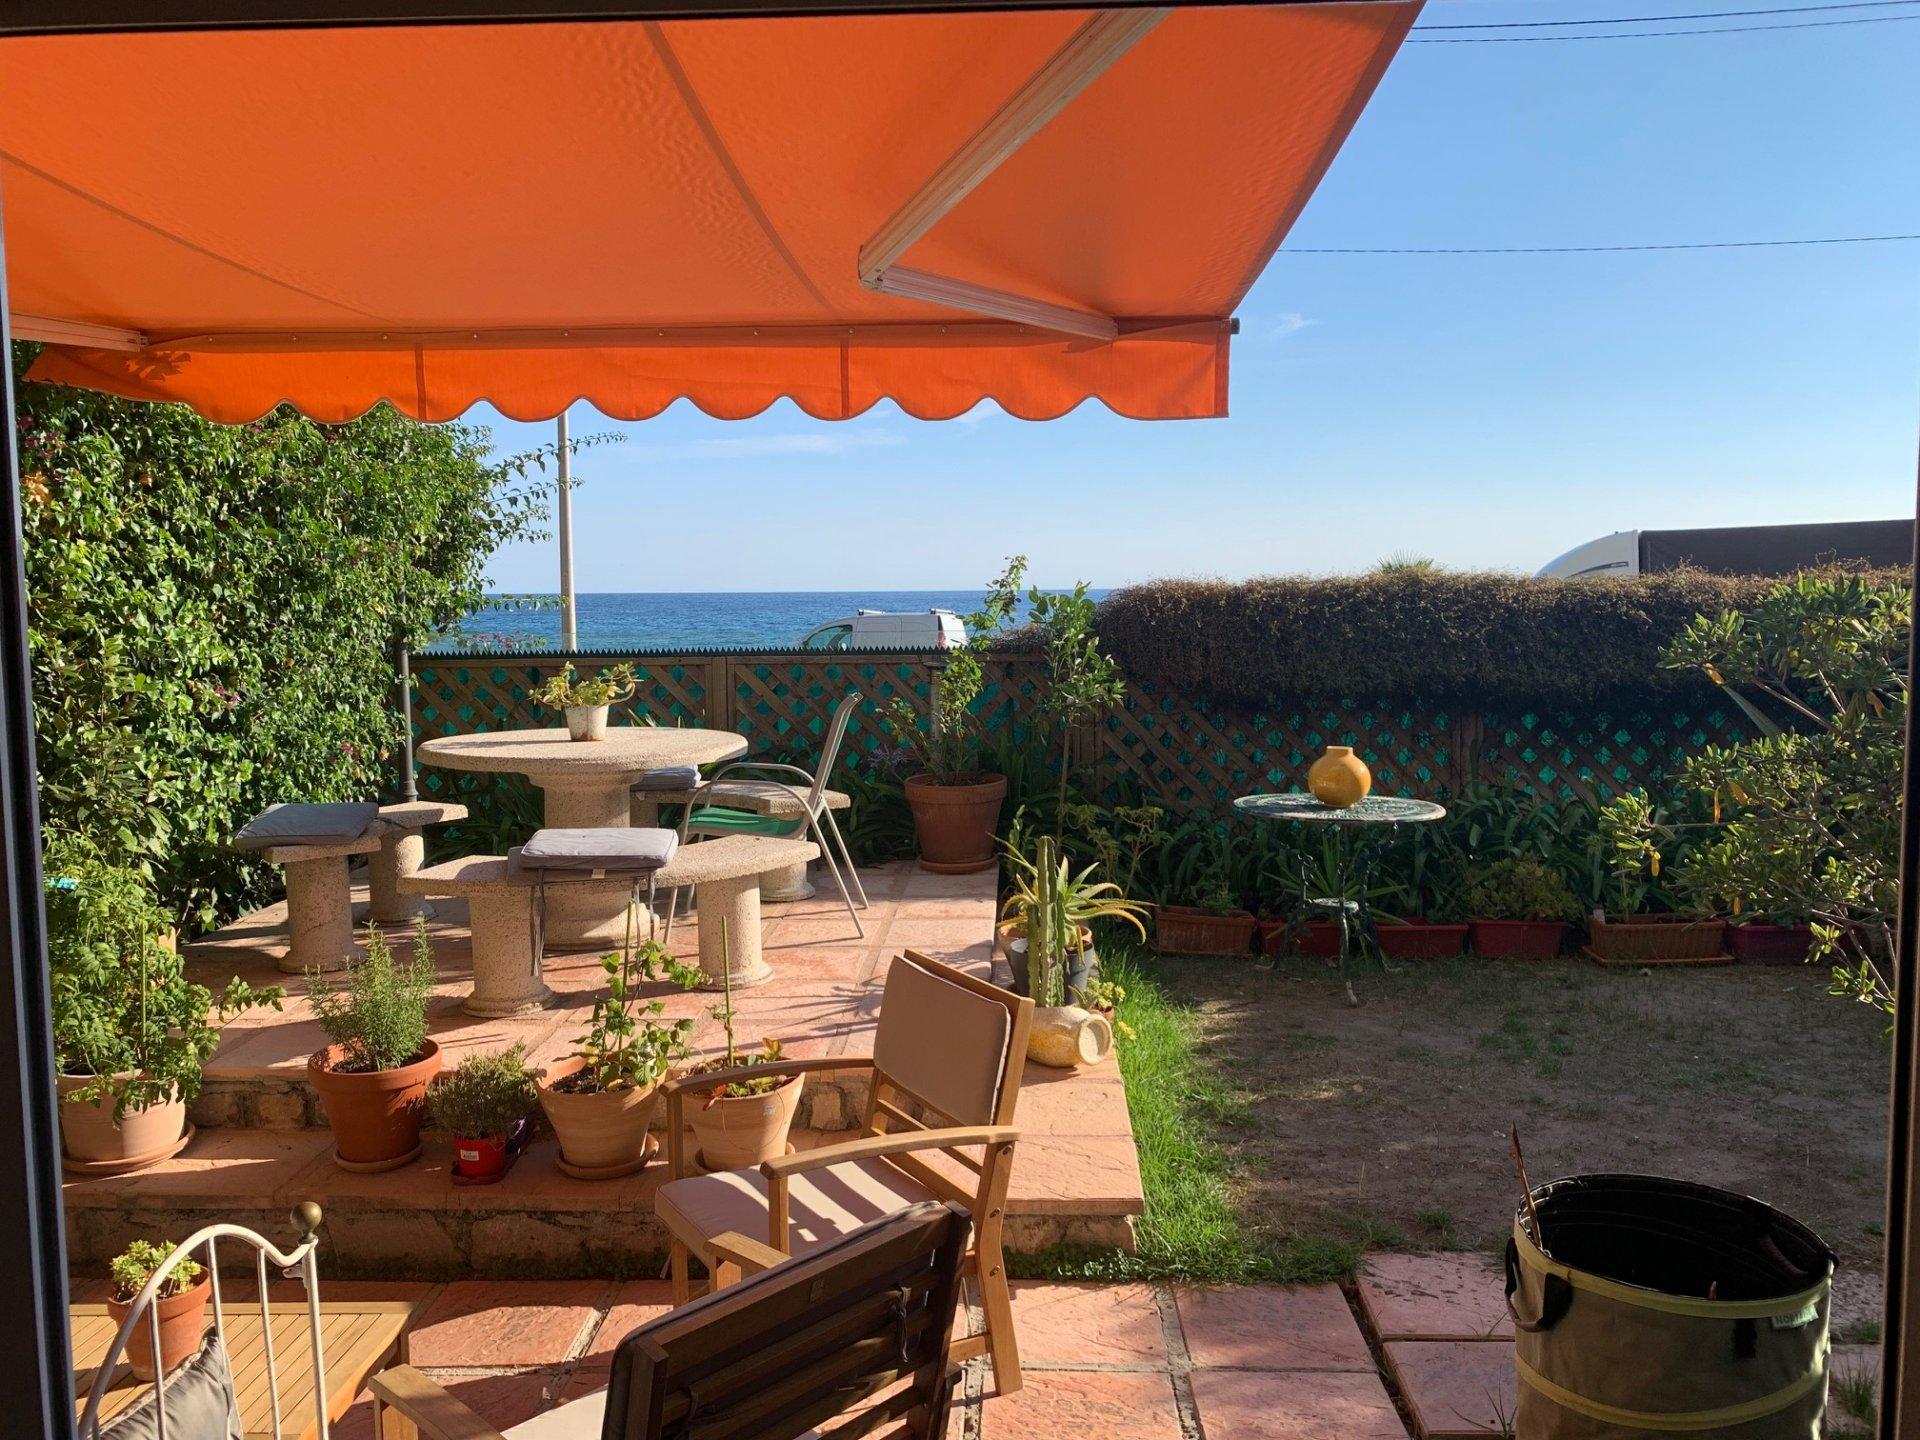 EXCLUSIF- Menton garavan- Vue Mer-  Spacieux T3 de 124m² avec Vérandas, 2  larges Terrasses/Jardin- Garage